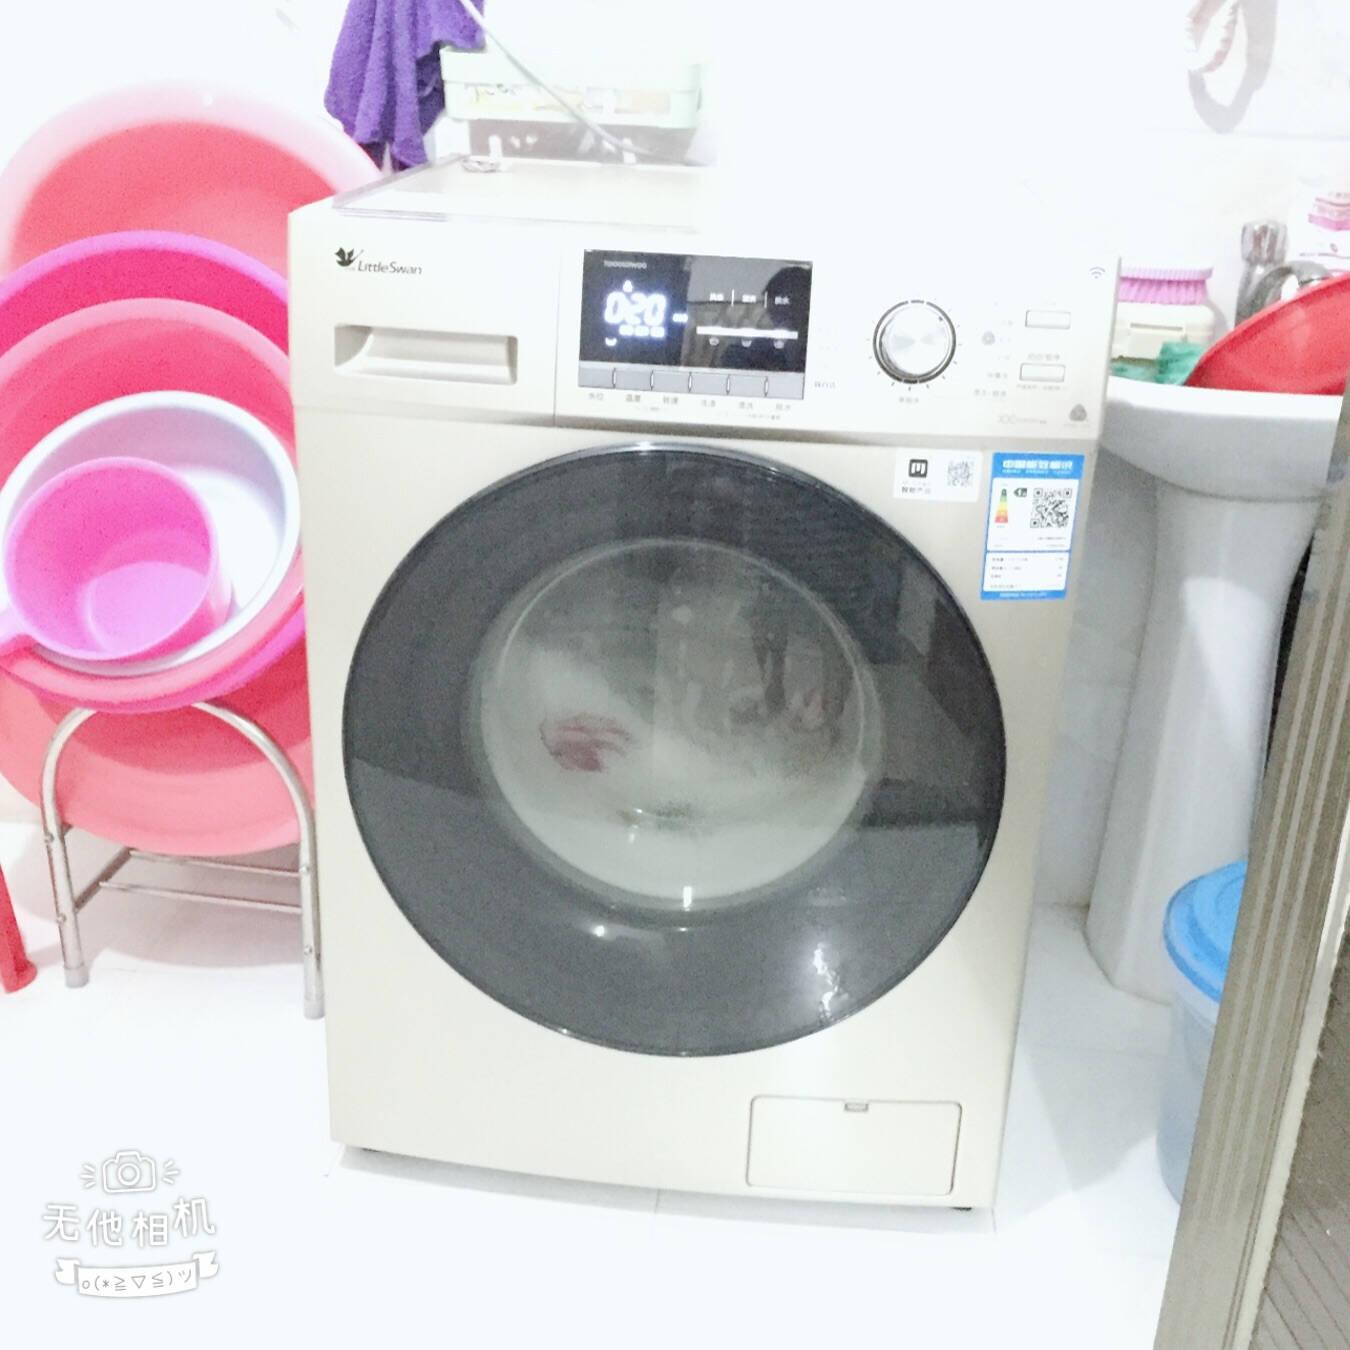 小天鹅滚筒洗衣机10KG全自动家用大容量洗衣机变频静音一级节能智能wifi婴儿服洗高温除菌洗TG100S21WDG【新品】